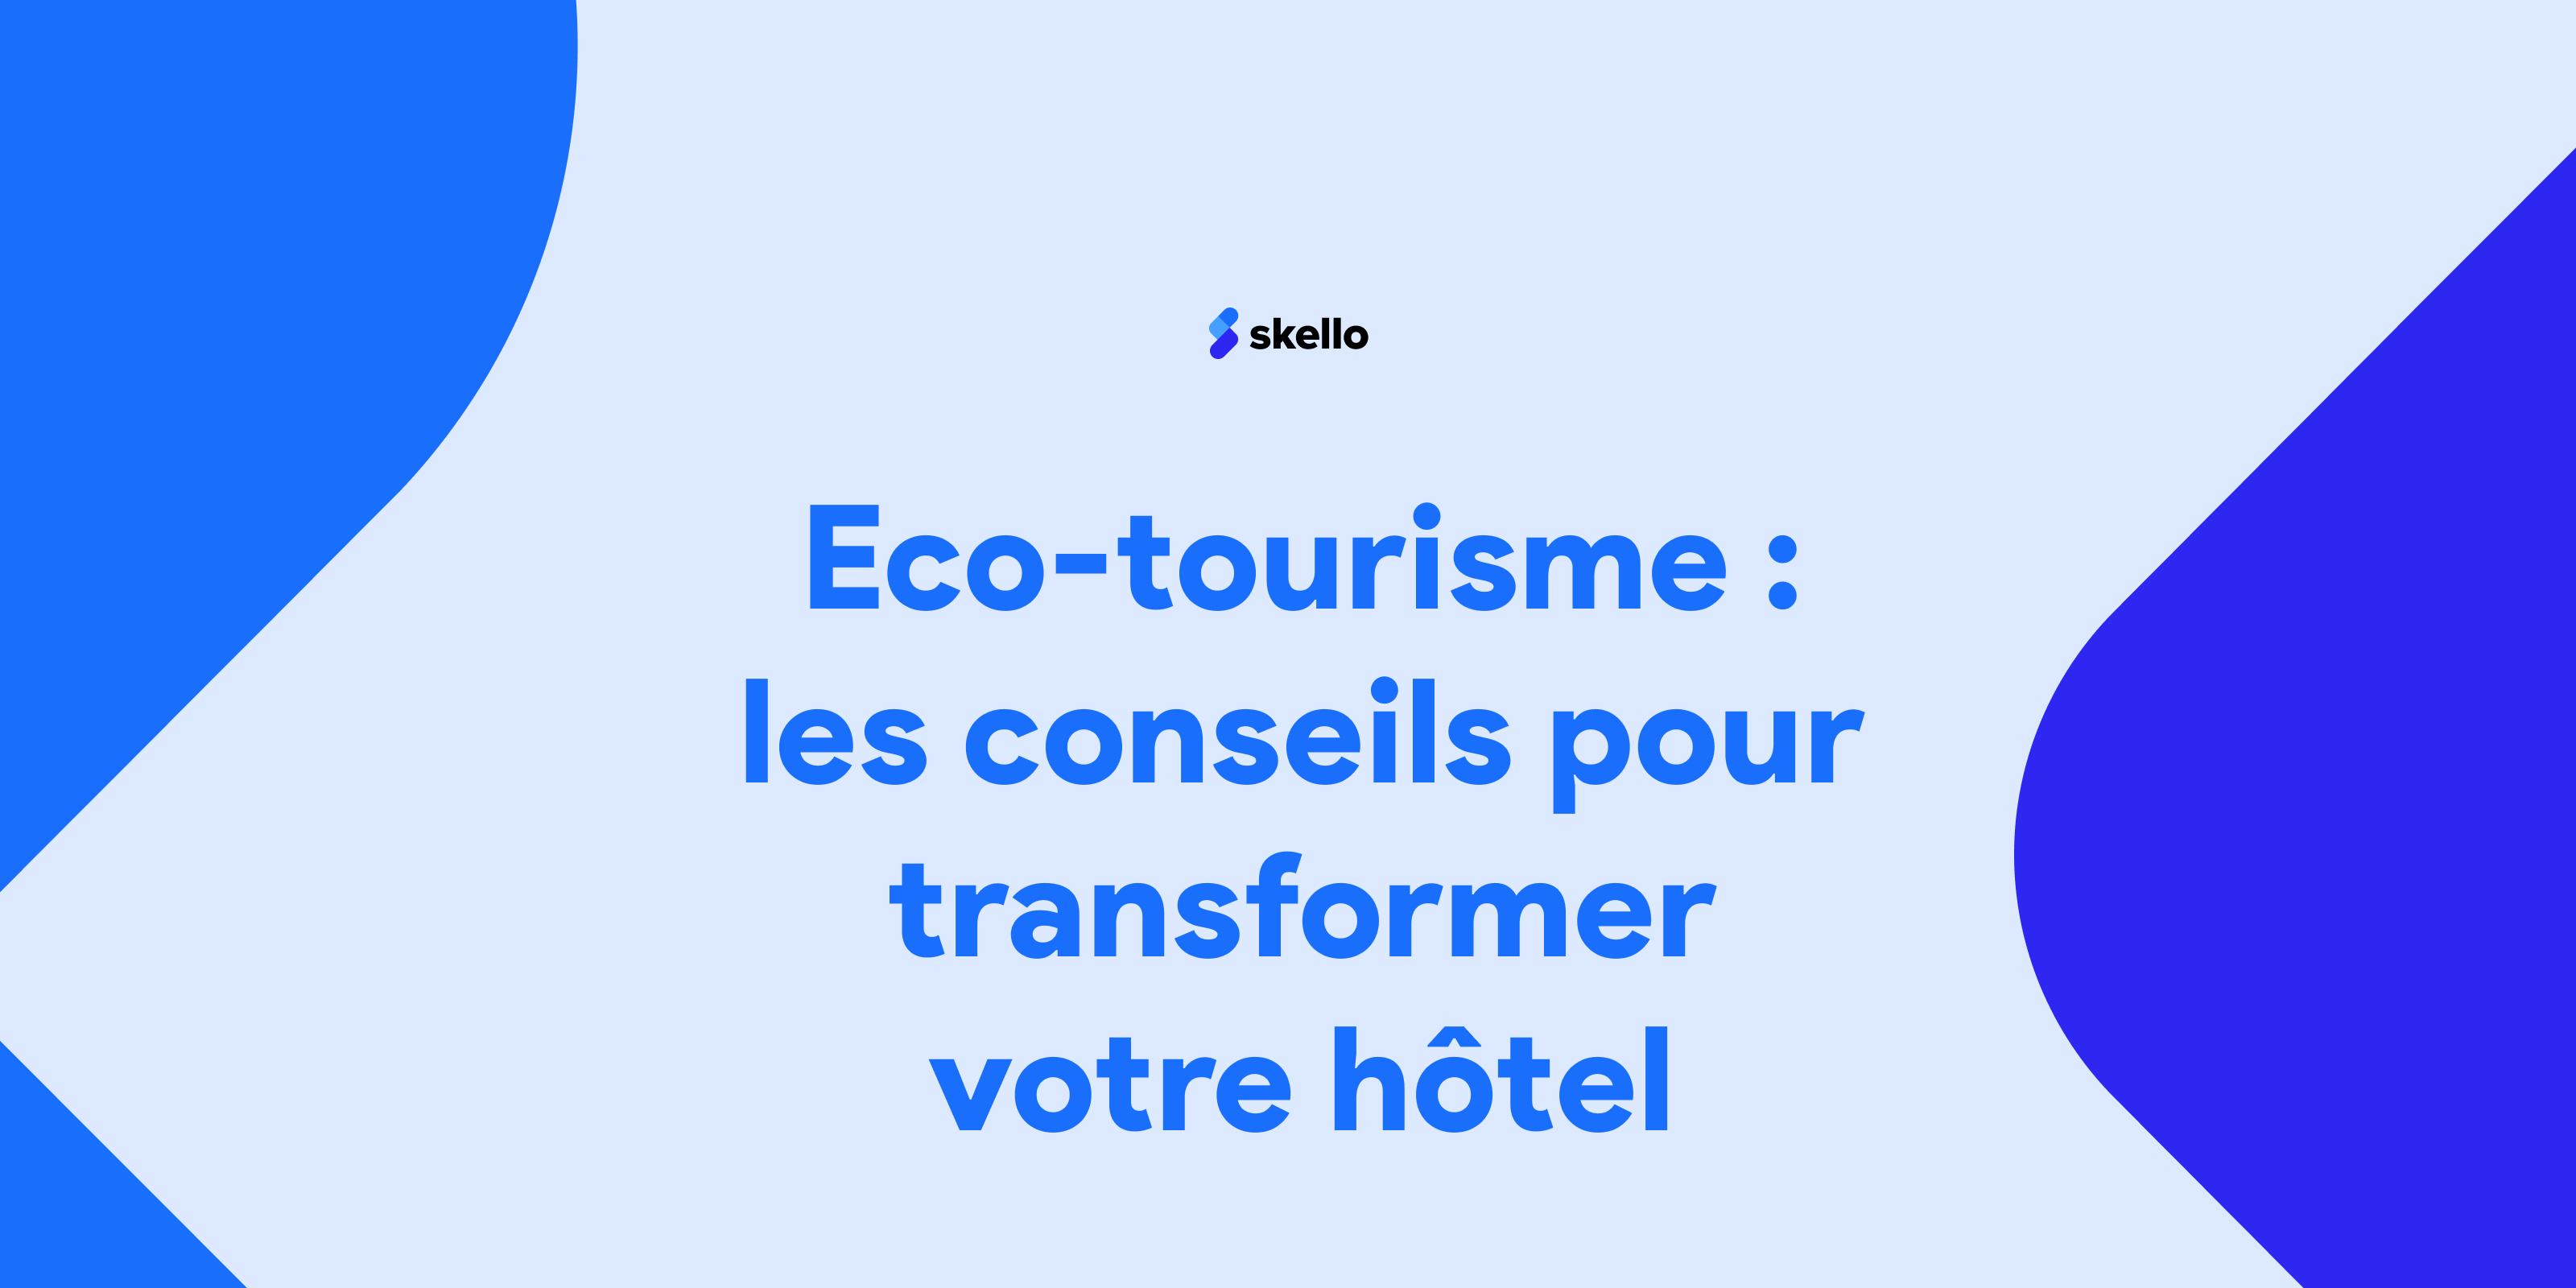 Eco-tourisme: les conseils pour transformer votre hôtel